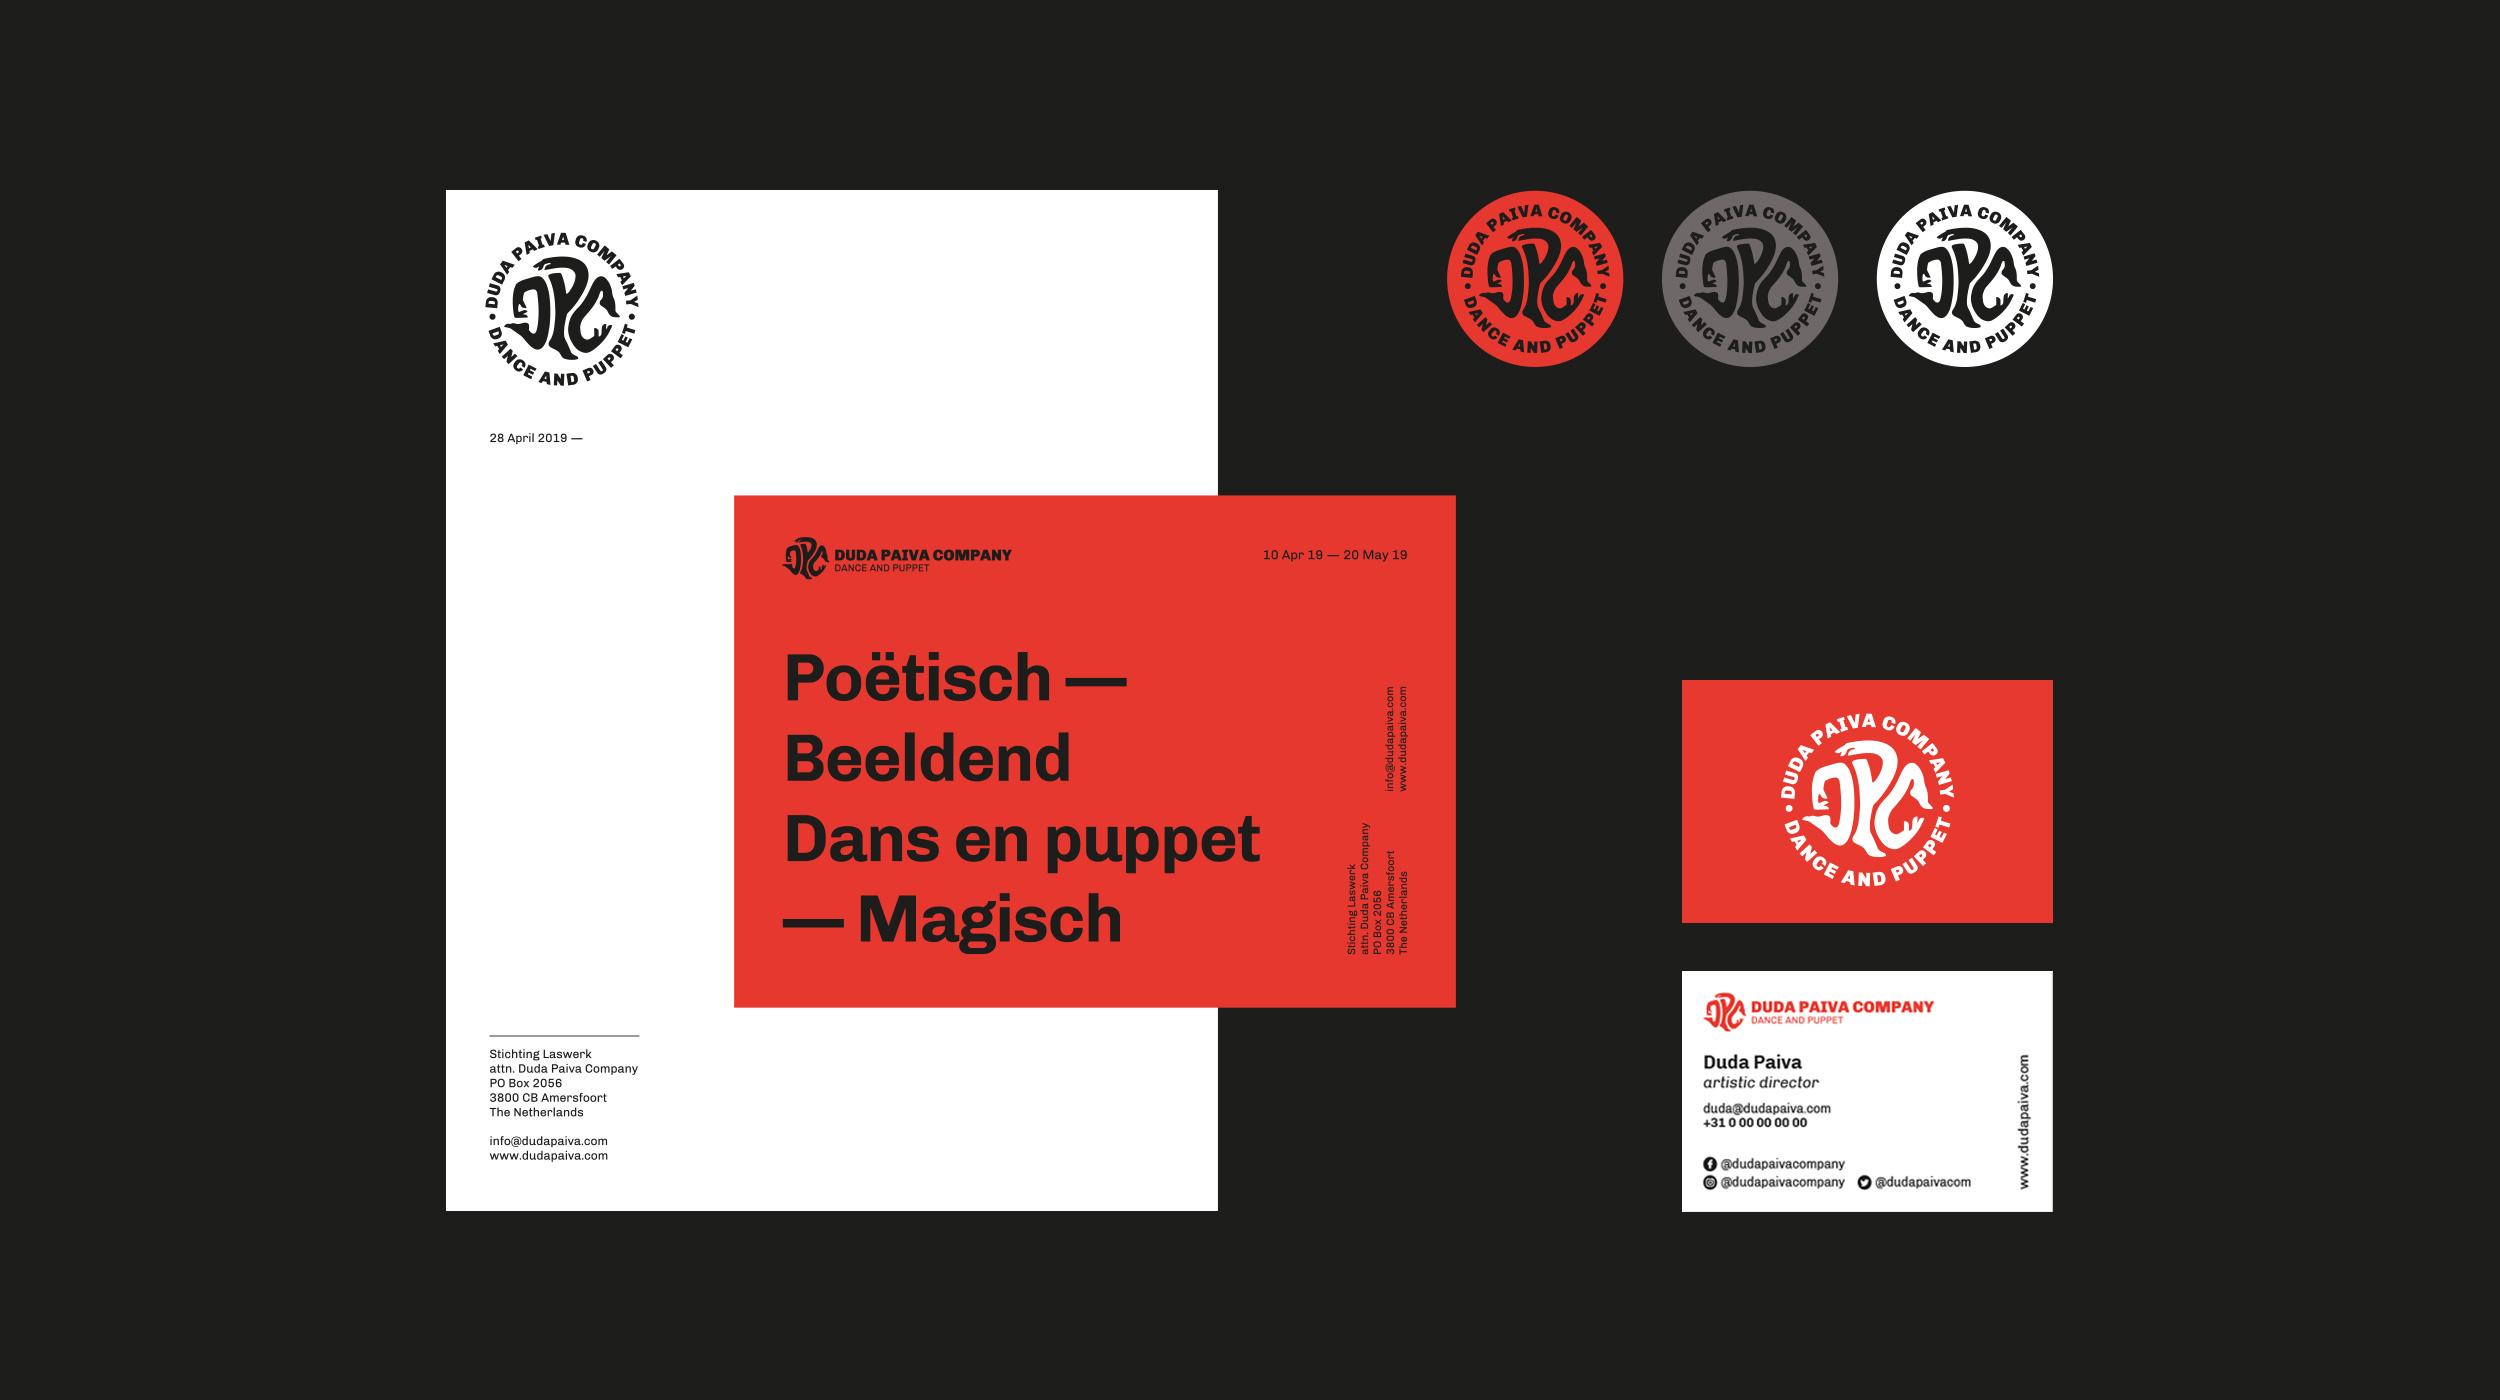 dpc-branding8.jpg